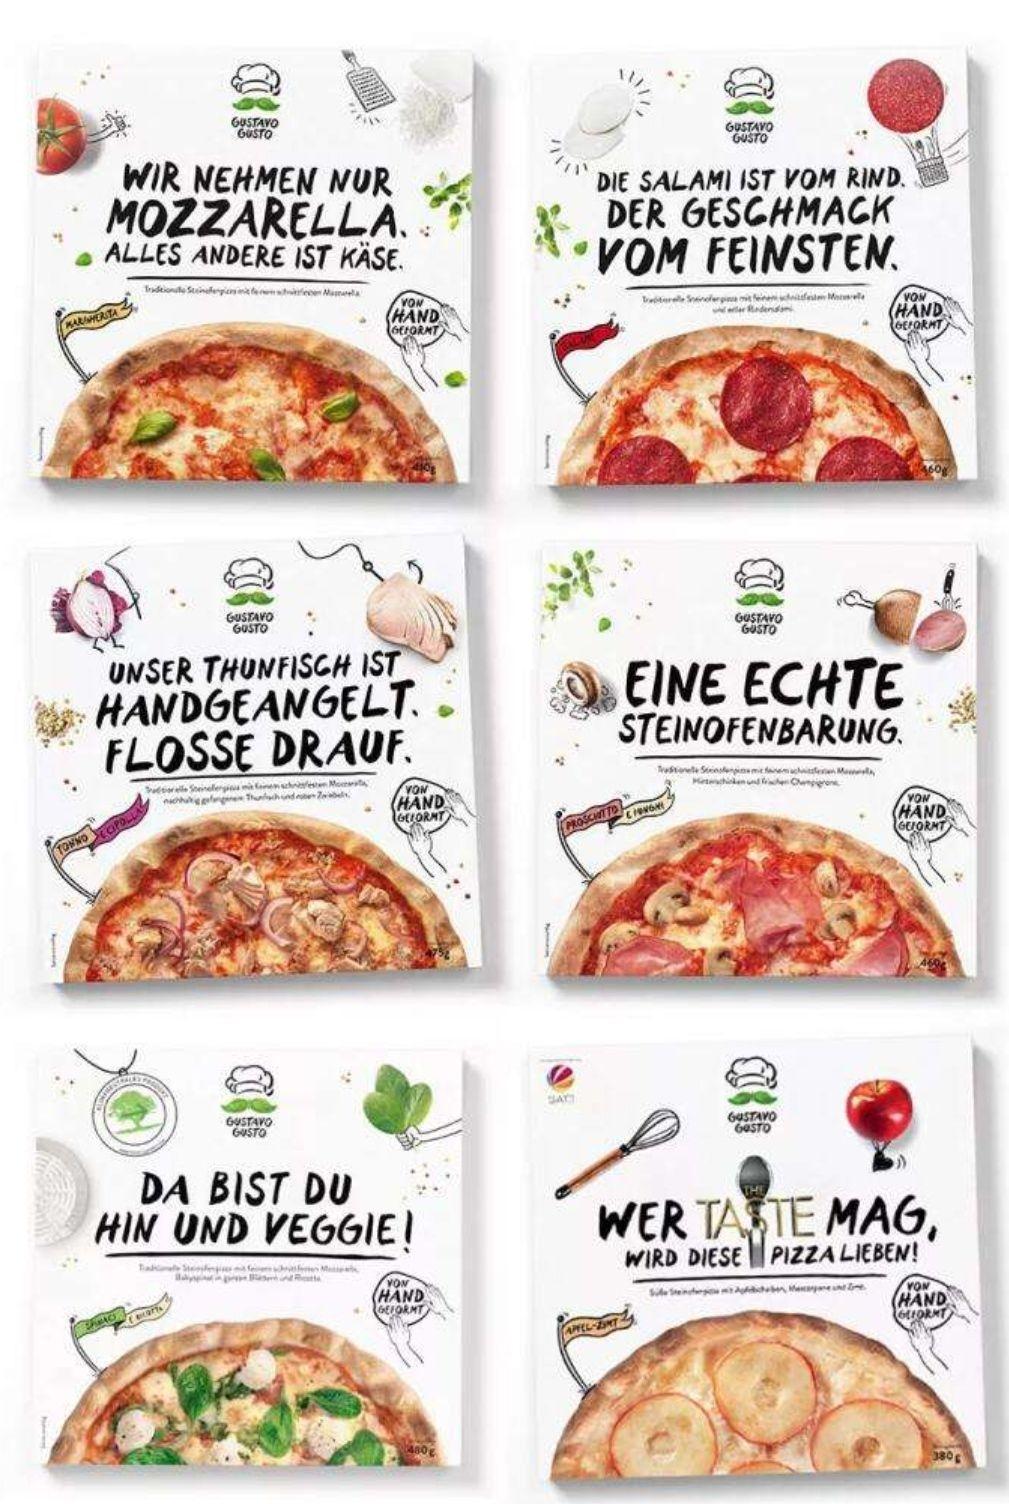 [Marktkauf Minden-Hannover] Gustavo Gusto Pizza verschiedene Sorten mit Marktguru Cashback für effektiv 2,49€